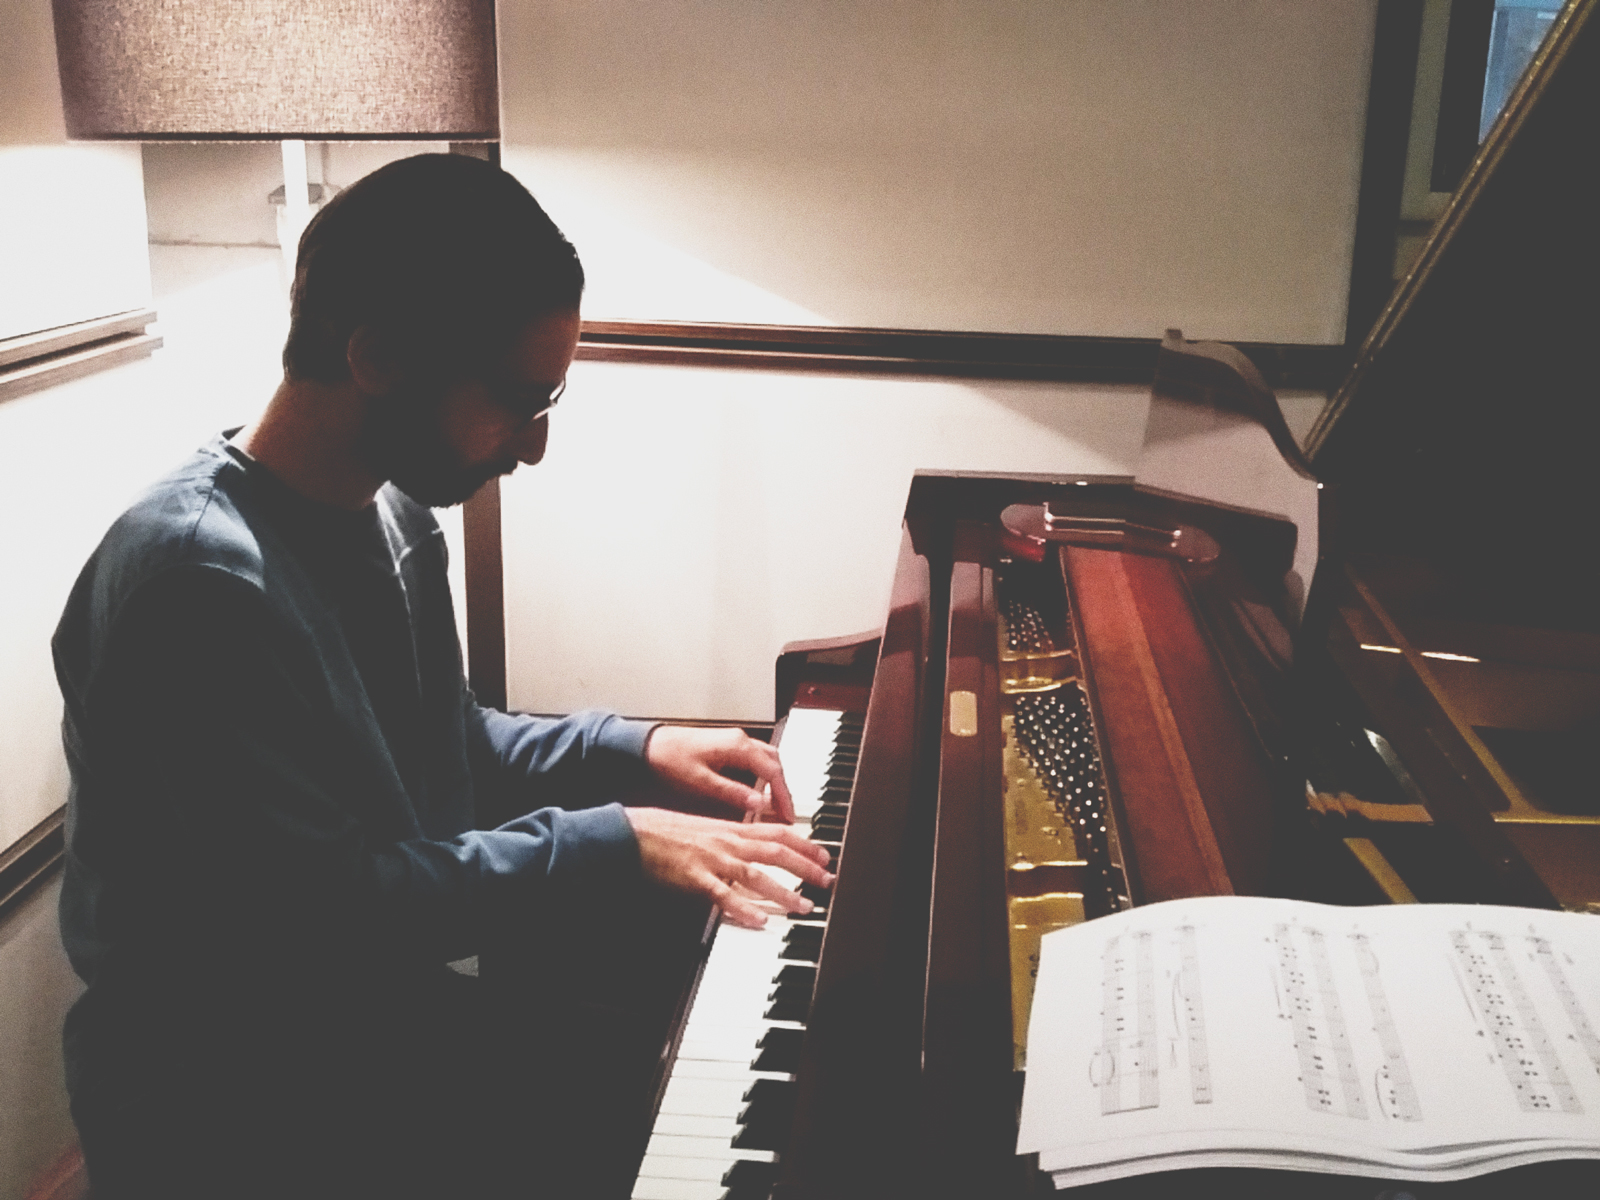 تجربه ساختن موسیقی اختصاصی برای رادیو پیوست؛ رقص قلم